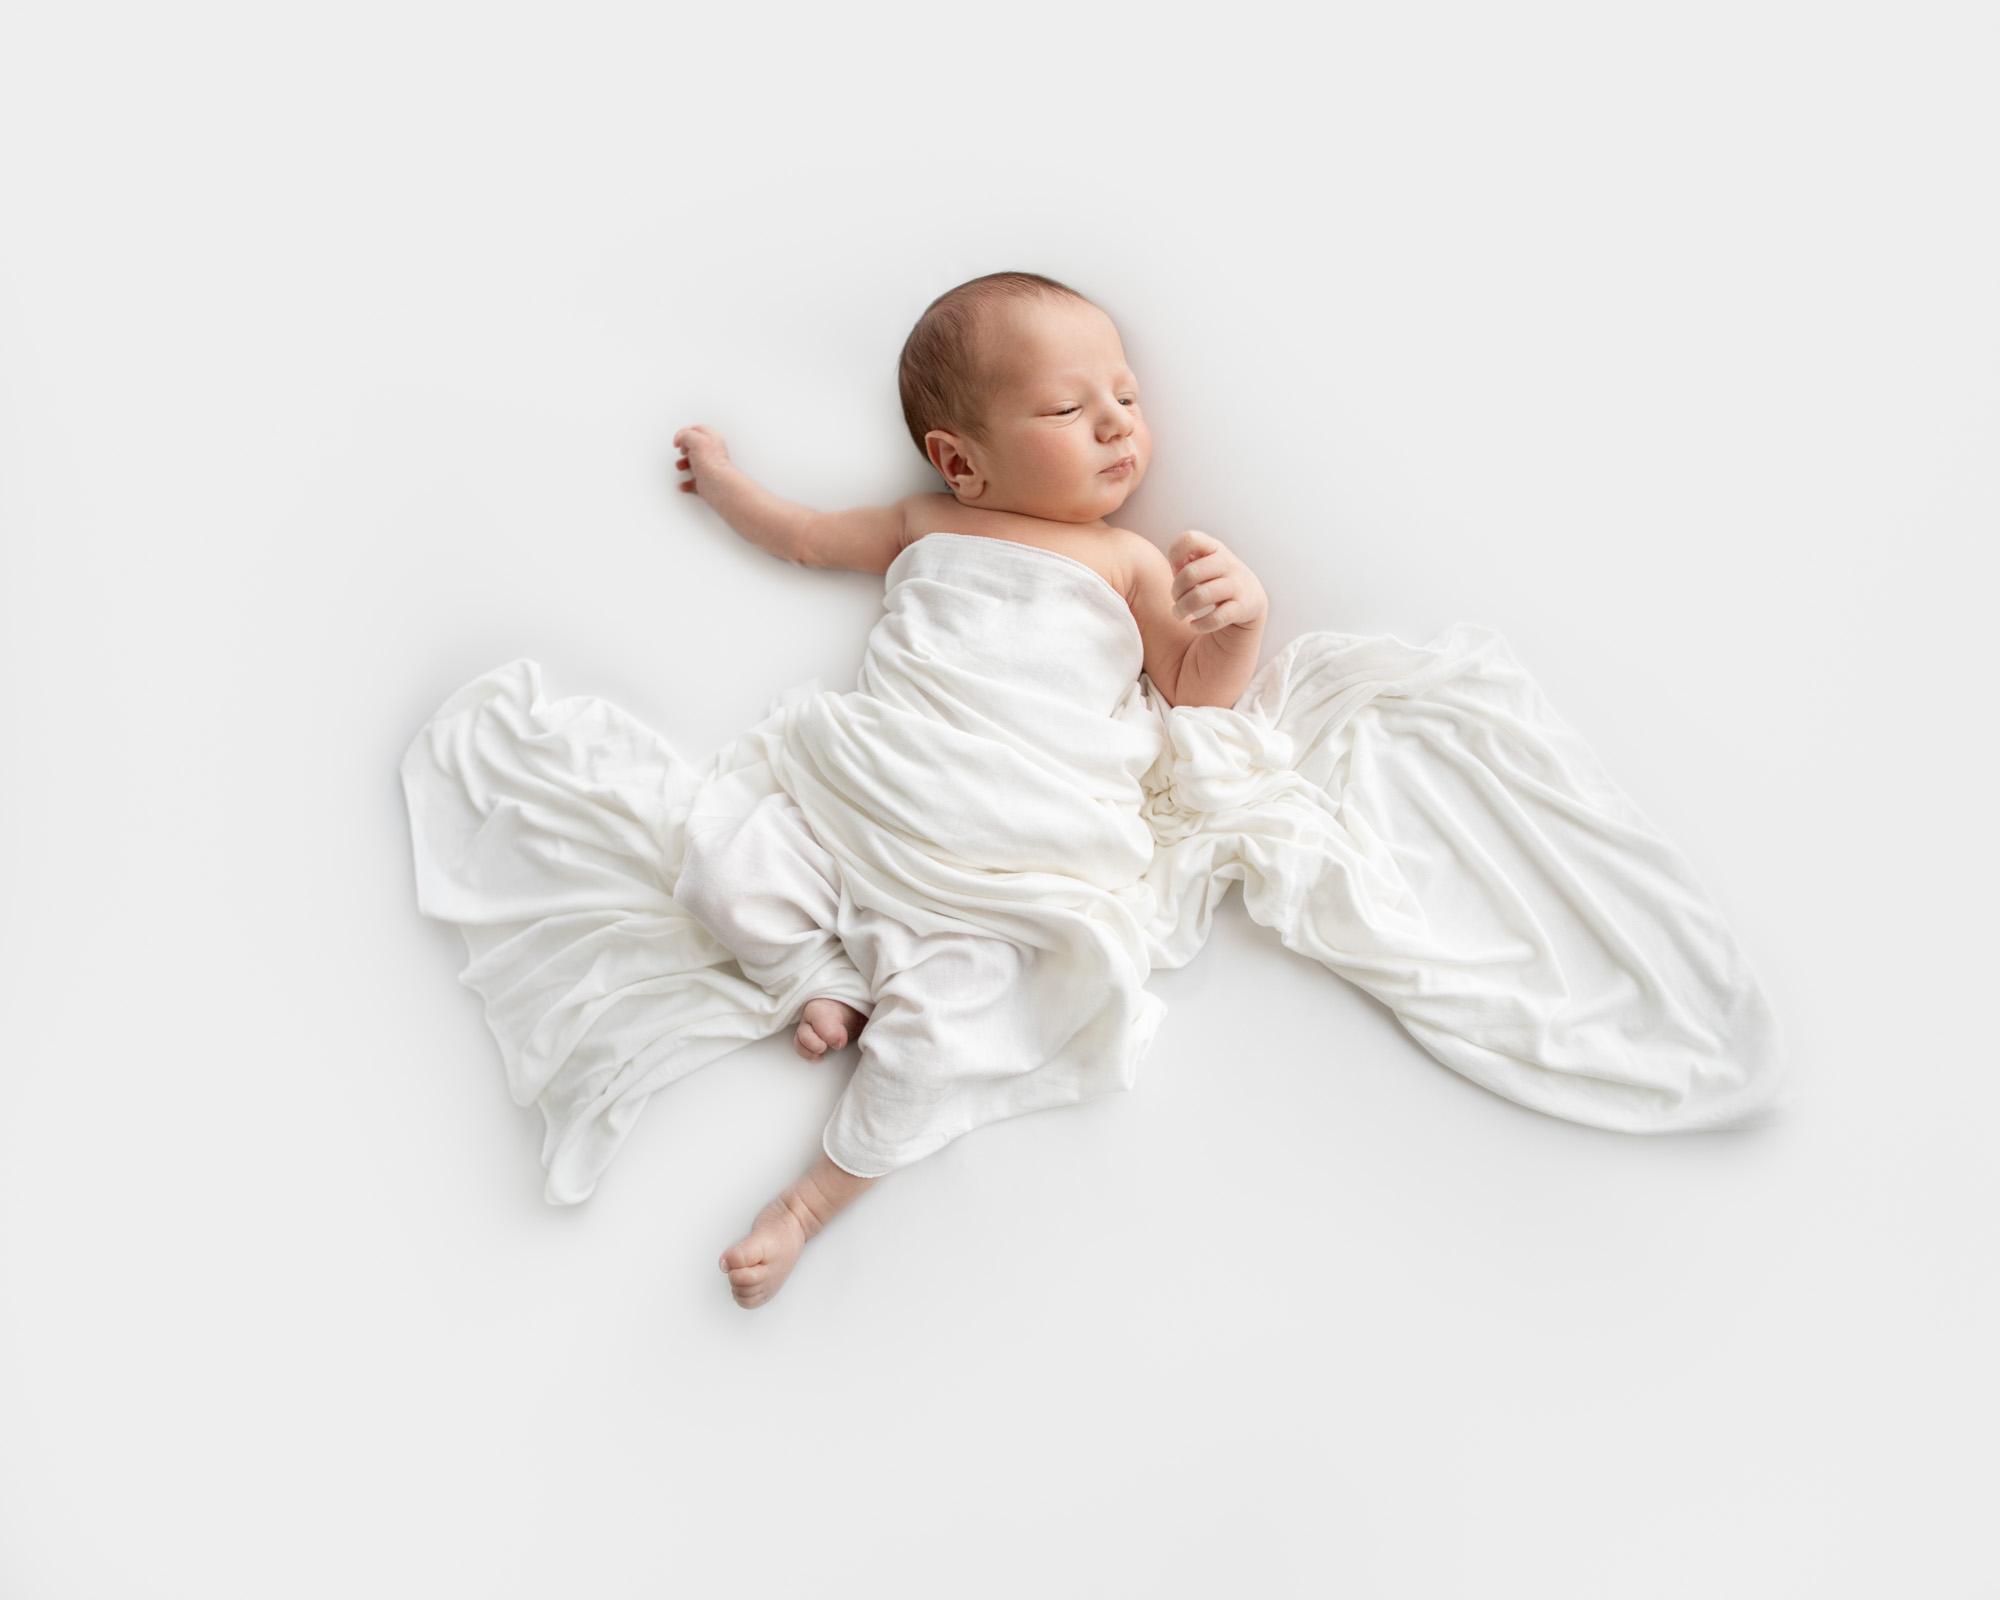 Newborn Baby Minimalist Blackand White 2Analia Paino Portrait Photographer.jpg